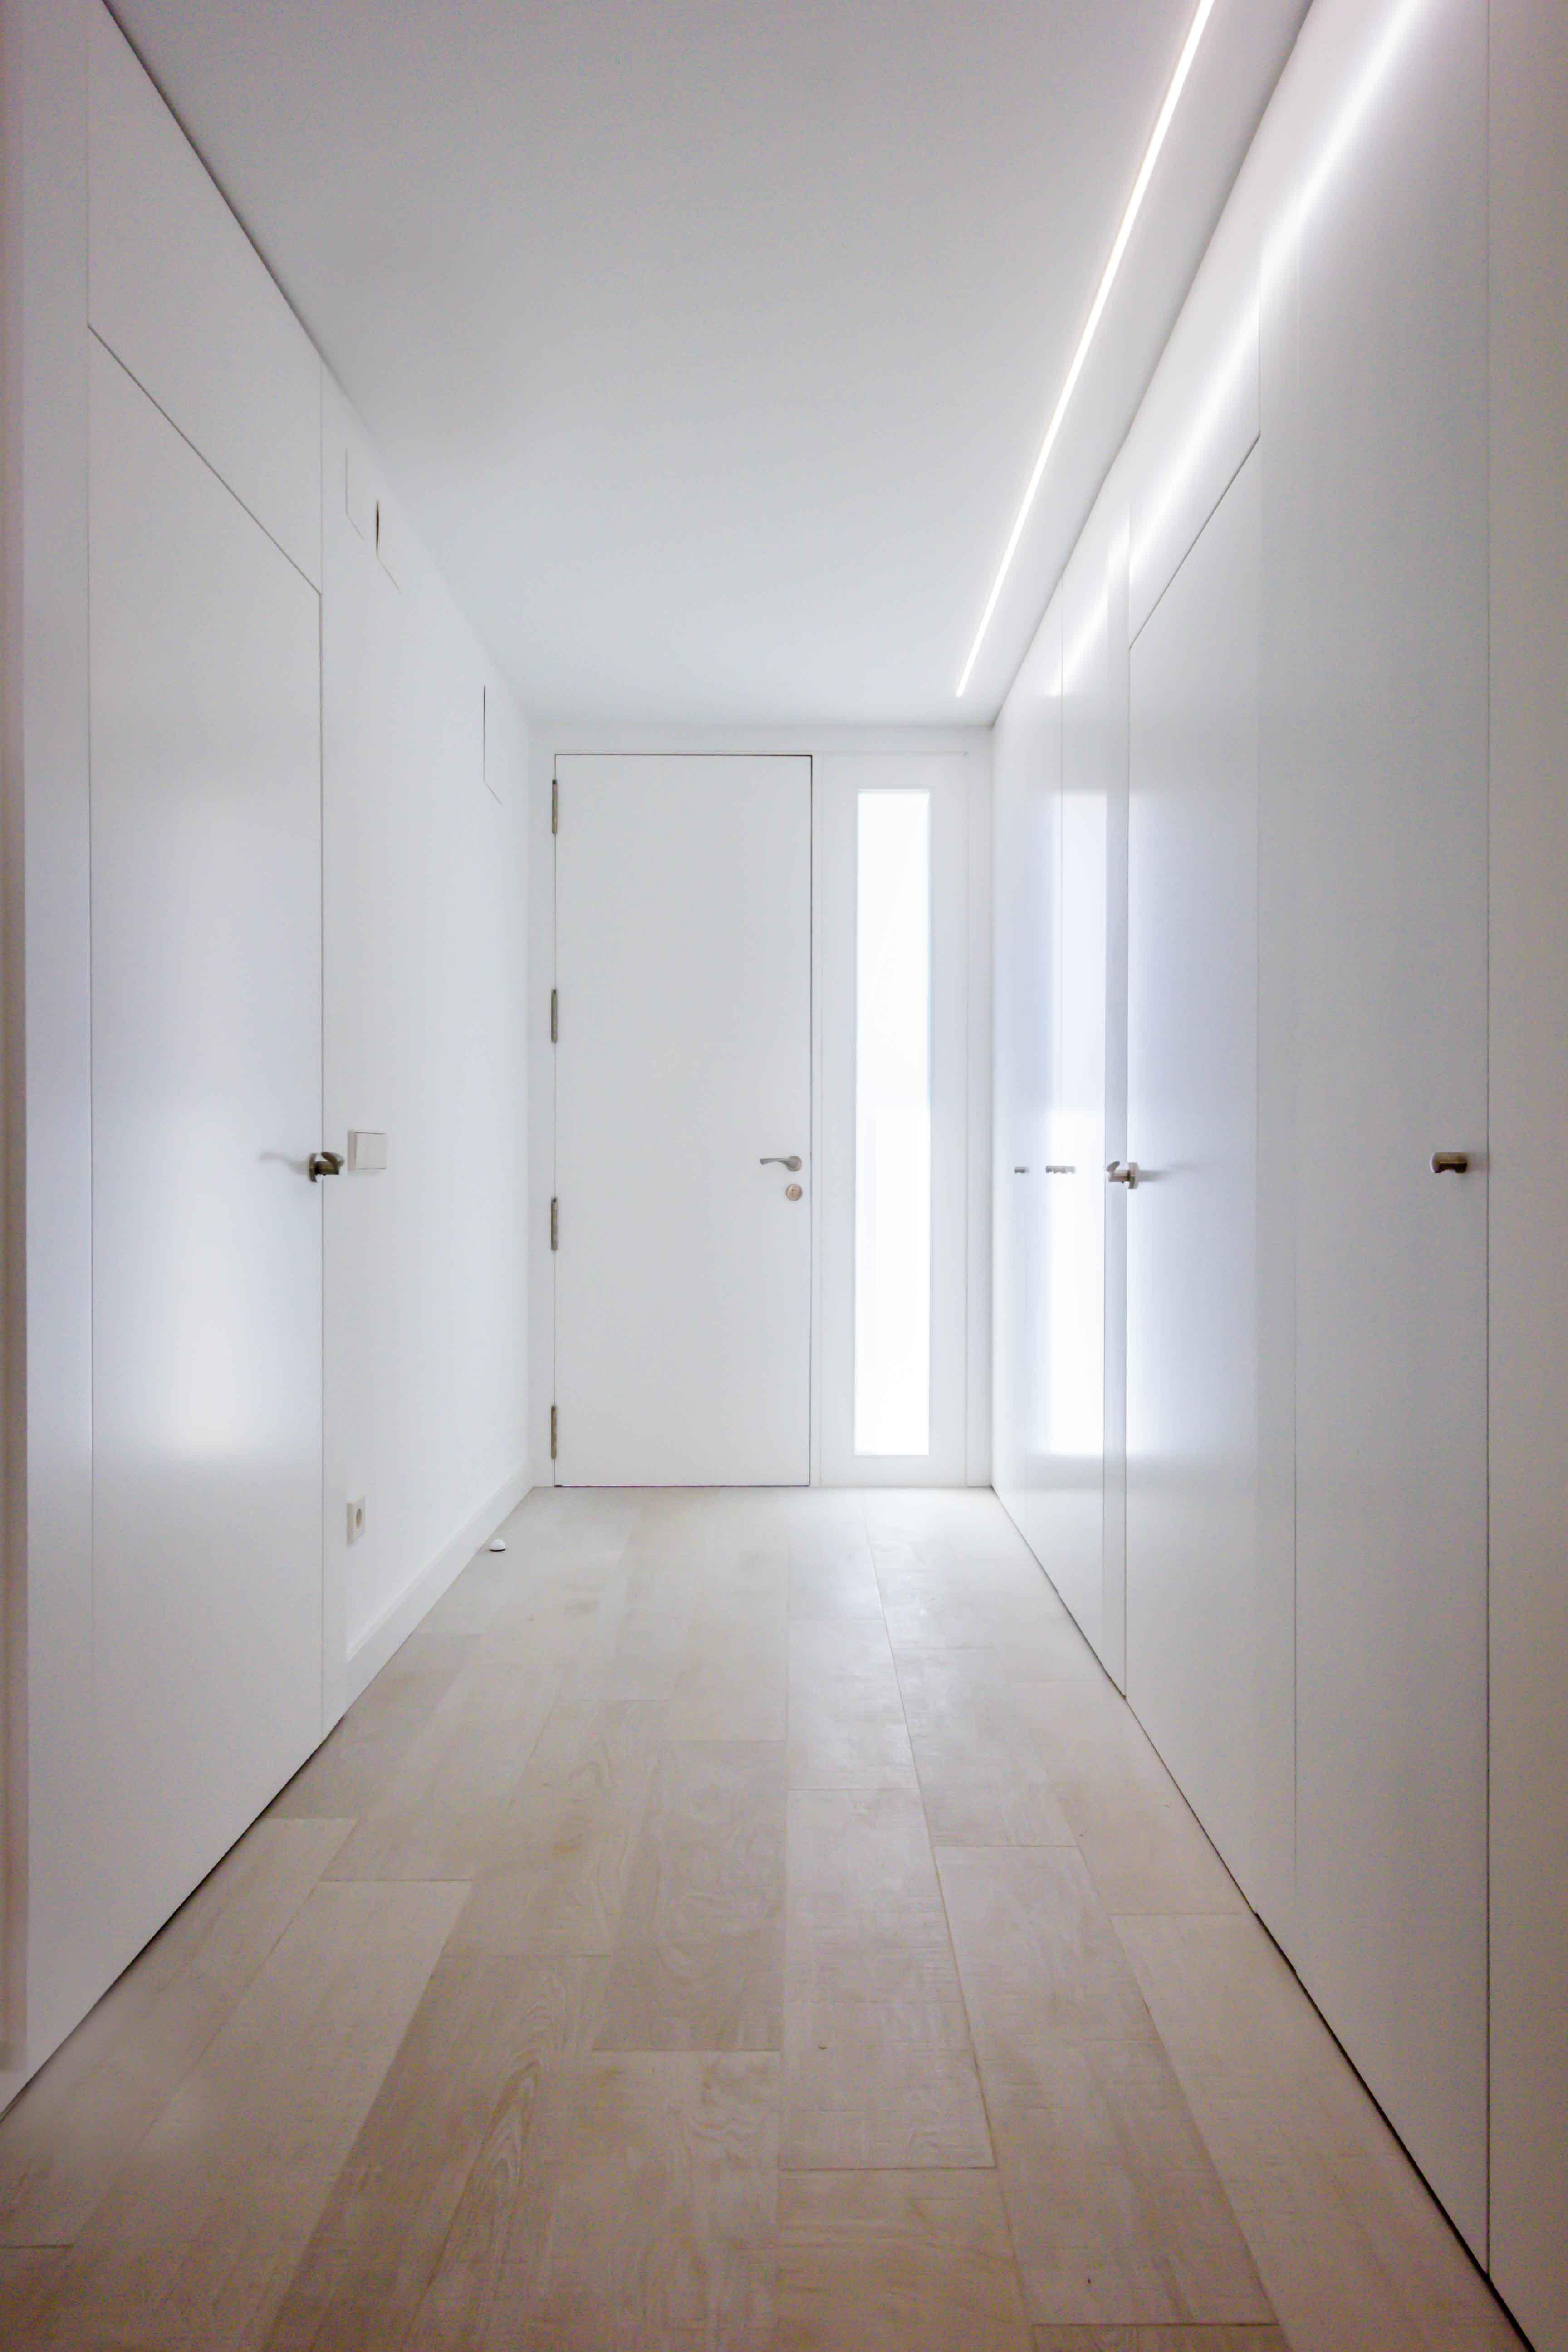 Recibidor con luz natural y armario blanco con puertas enrasadas minimalista low cost en reforma de casa. Chiralt Arquitectos Valencia.